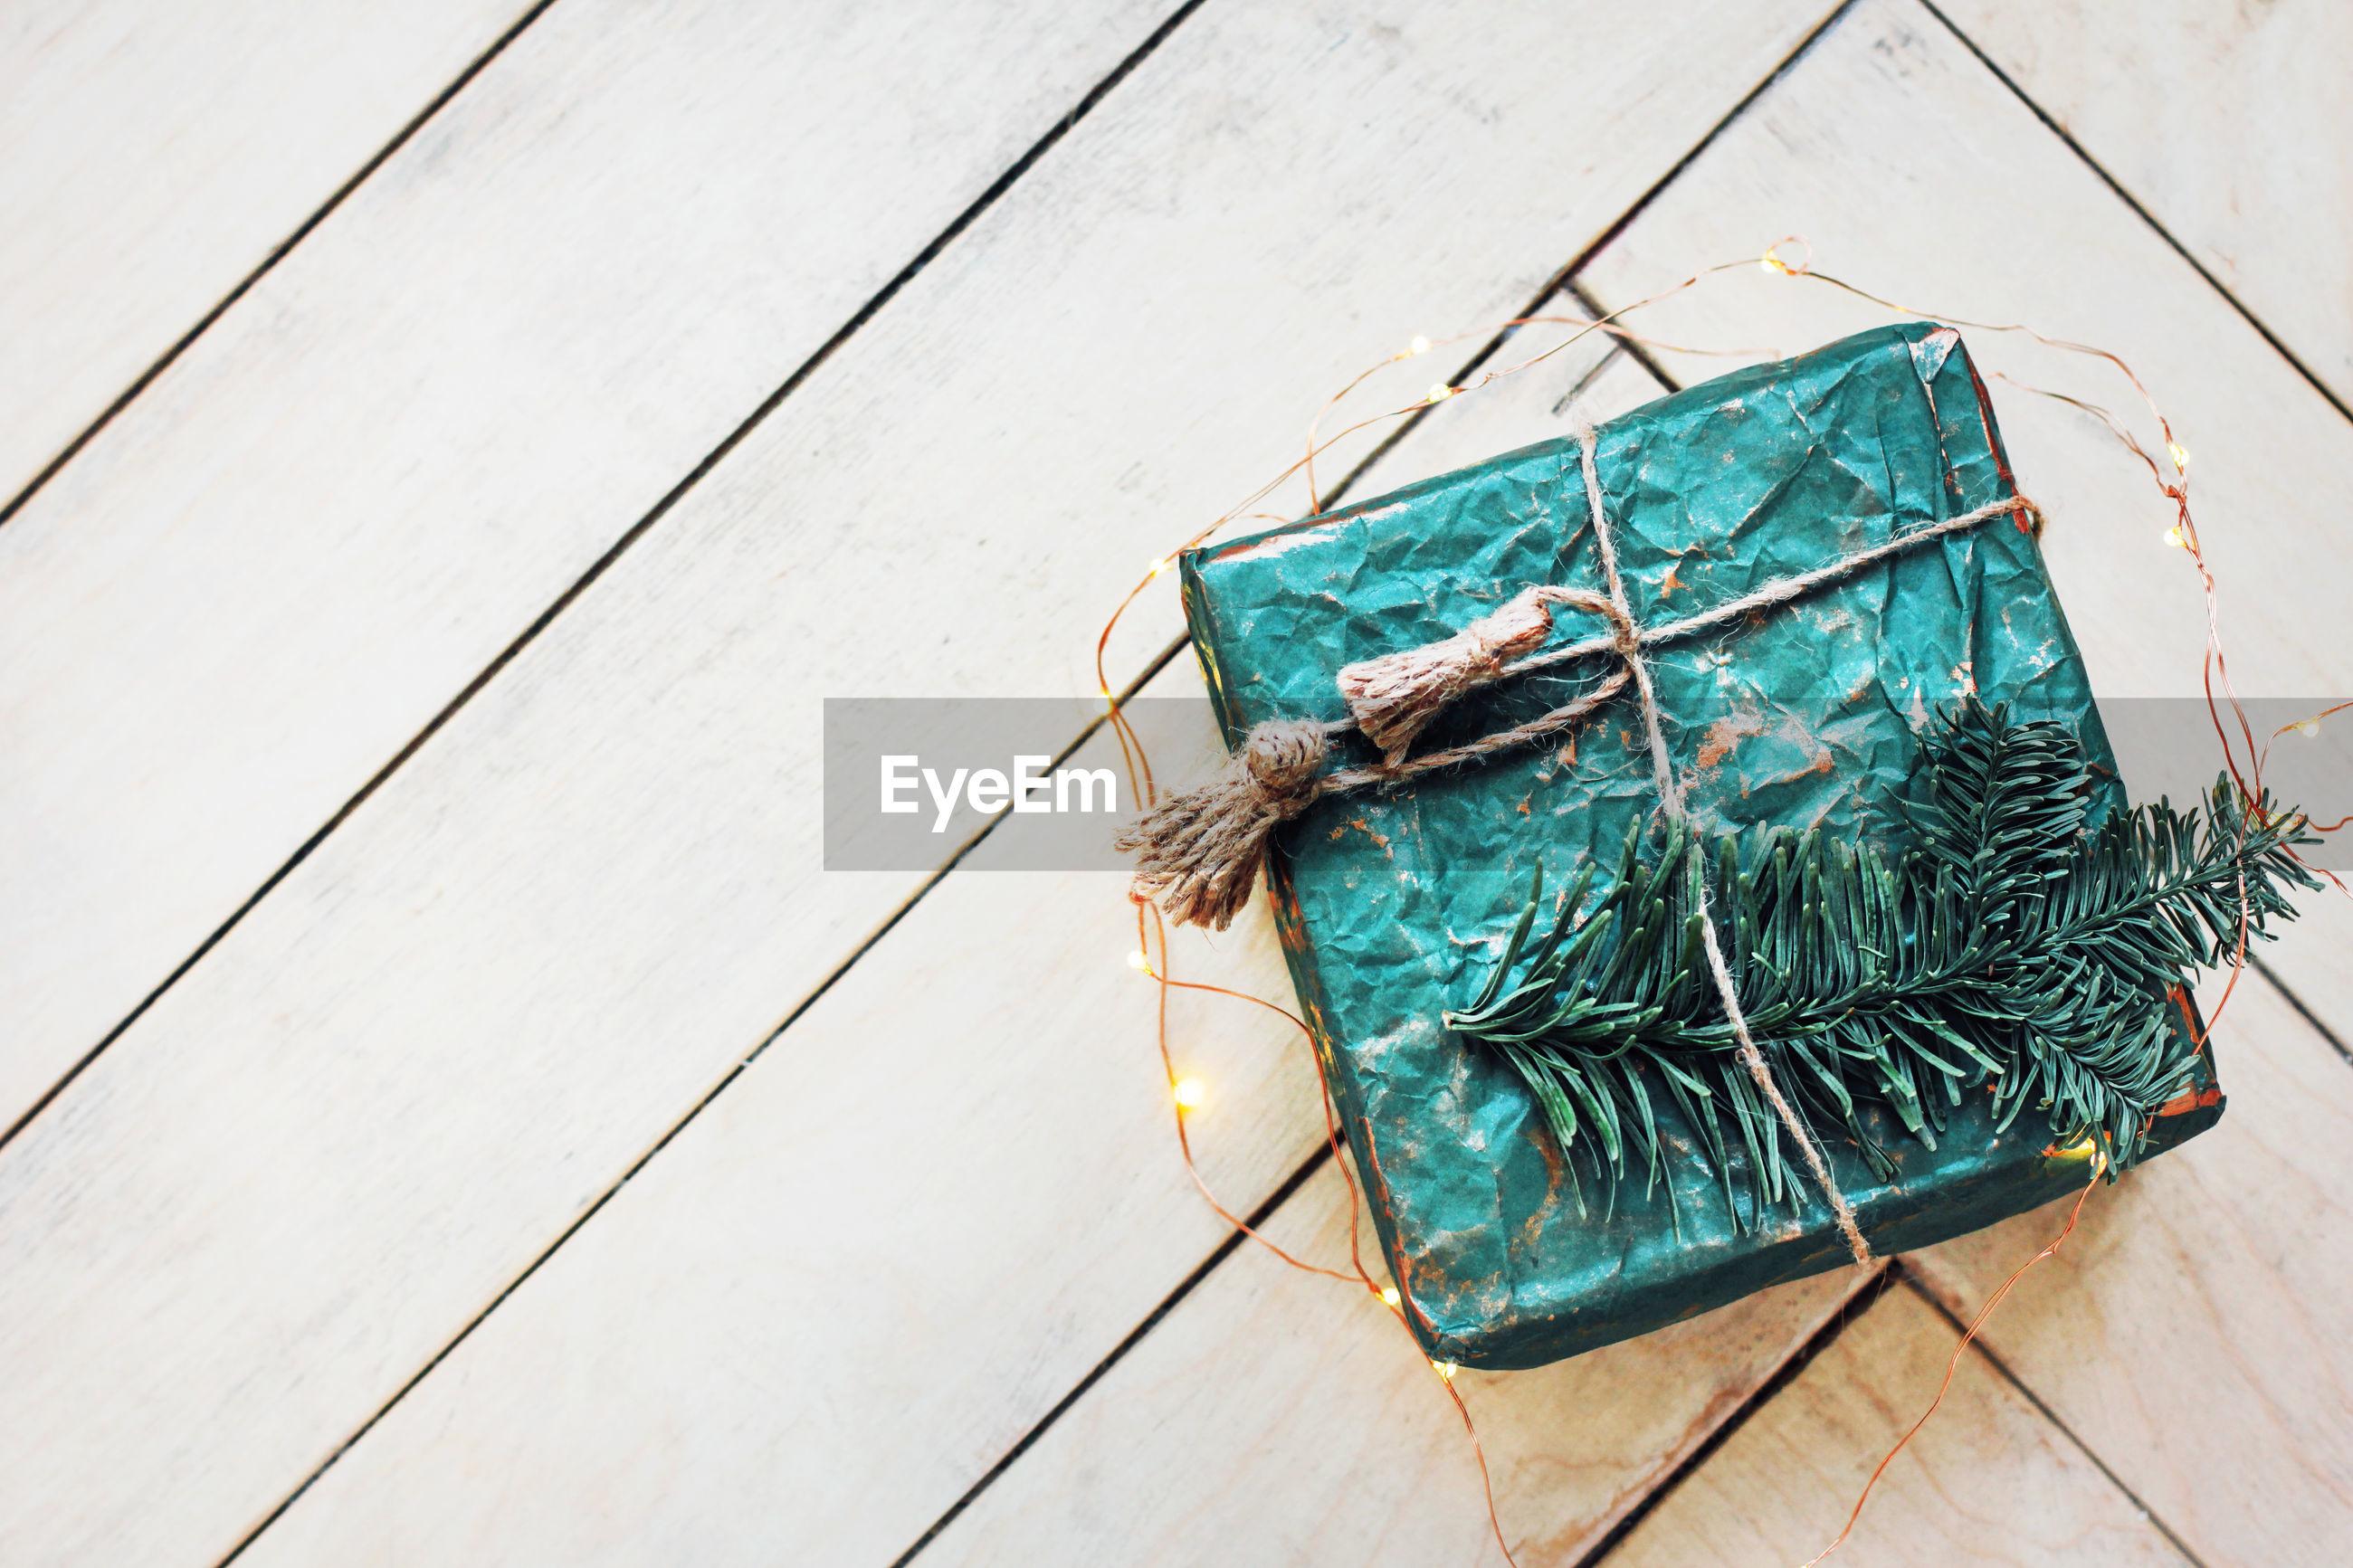 High angle view of christmas gift and string light on hardwood floor